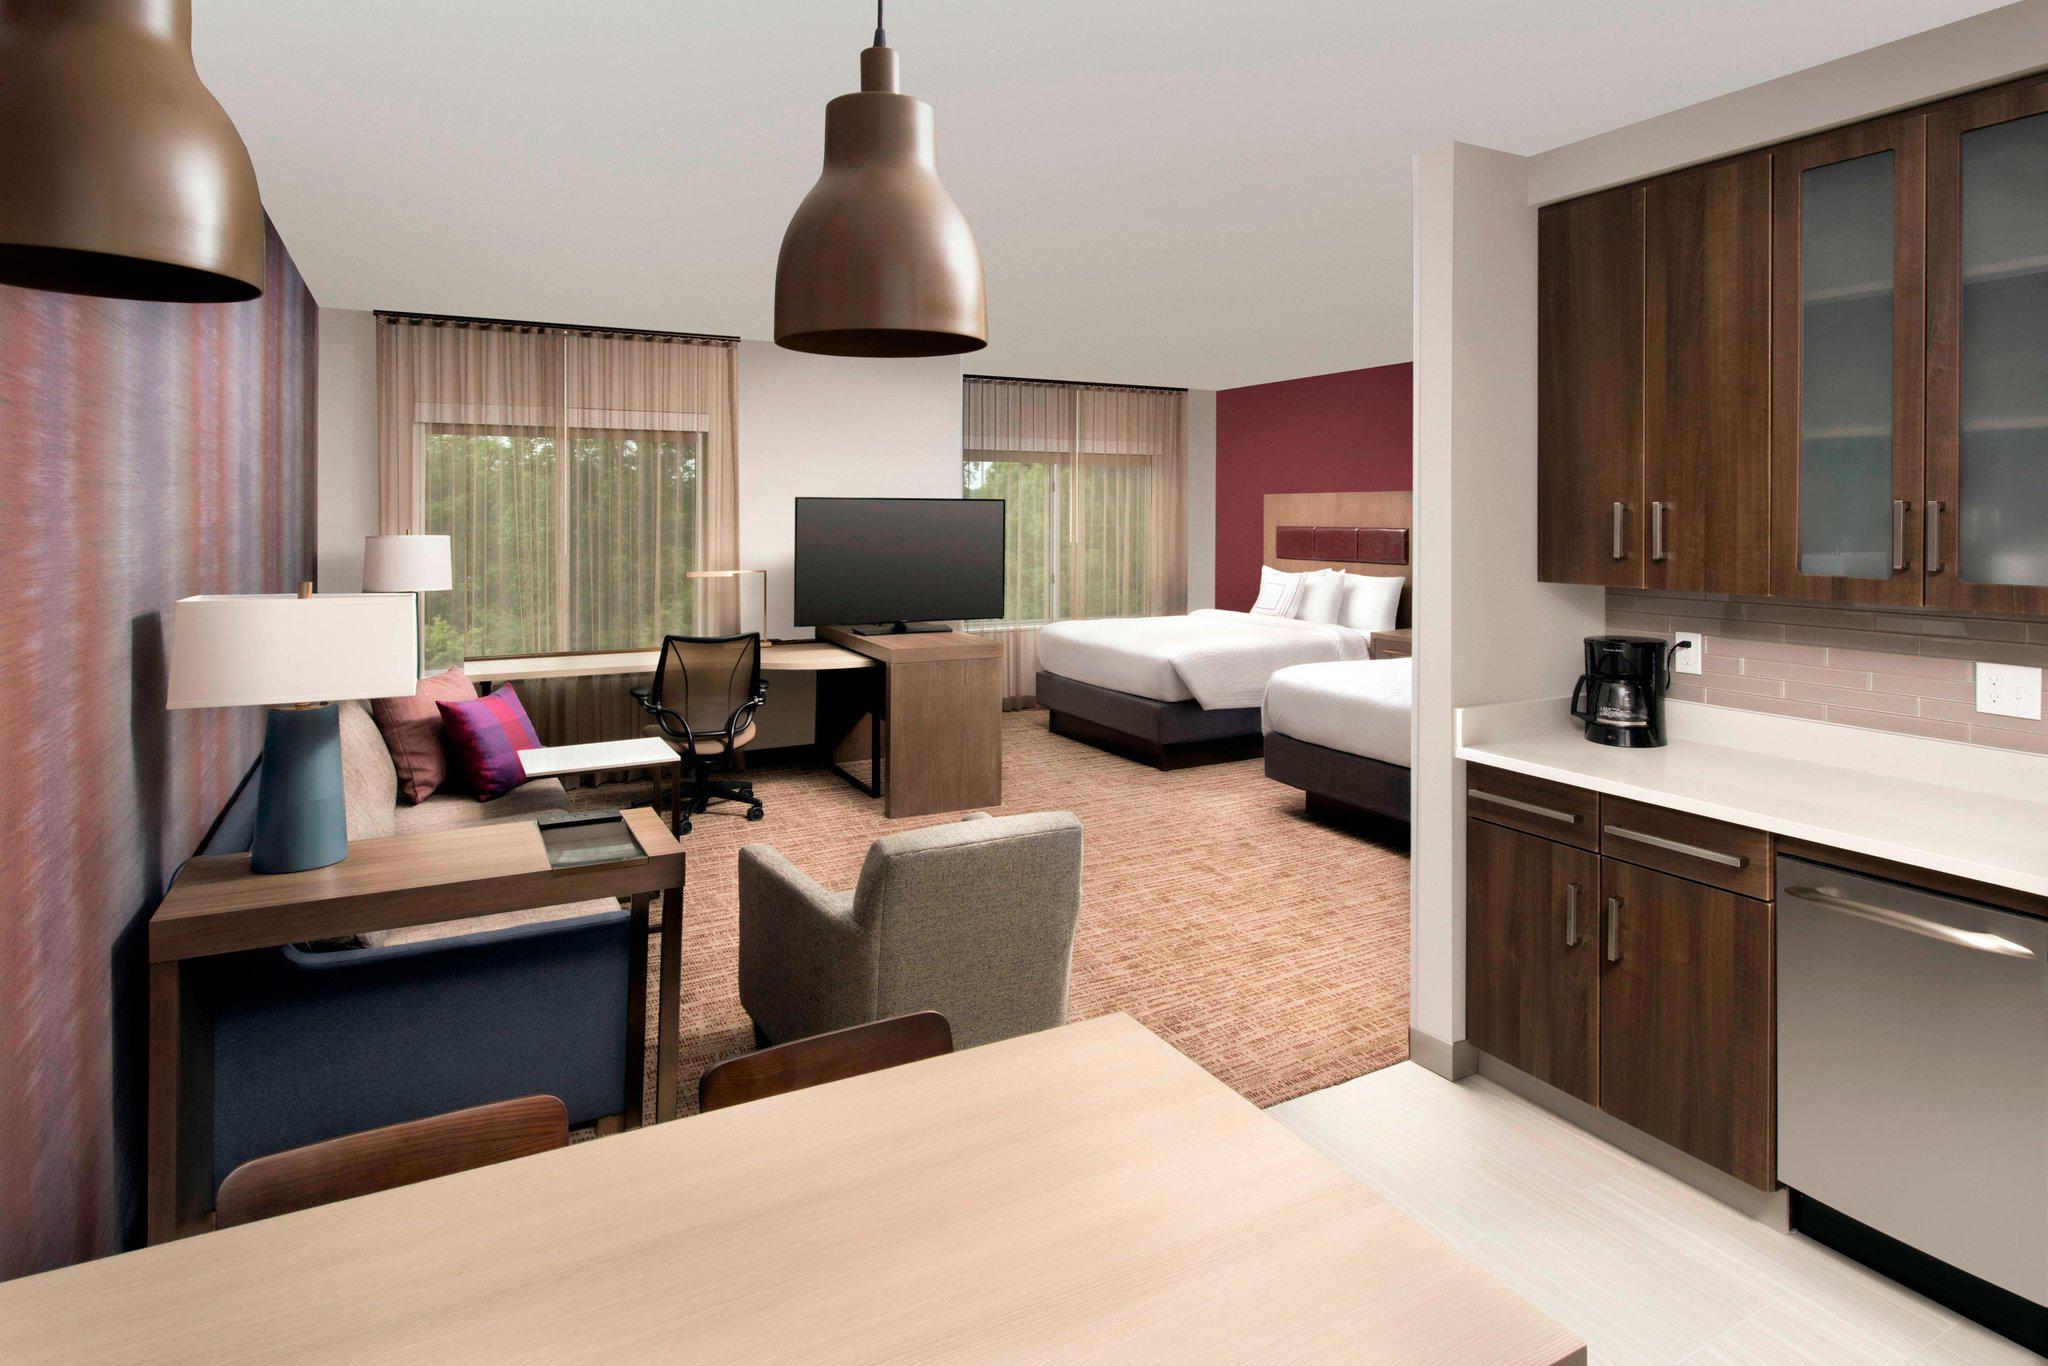 Residence Inn by Marriott Baltimore Owings Mills